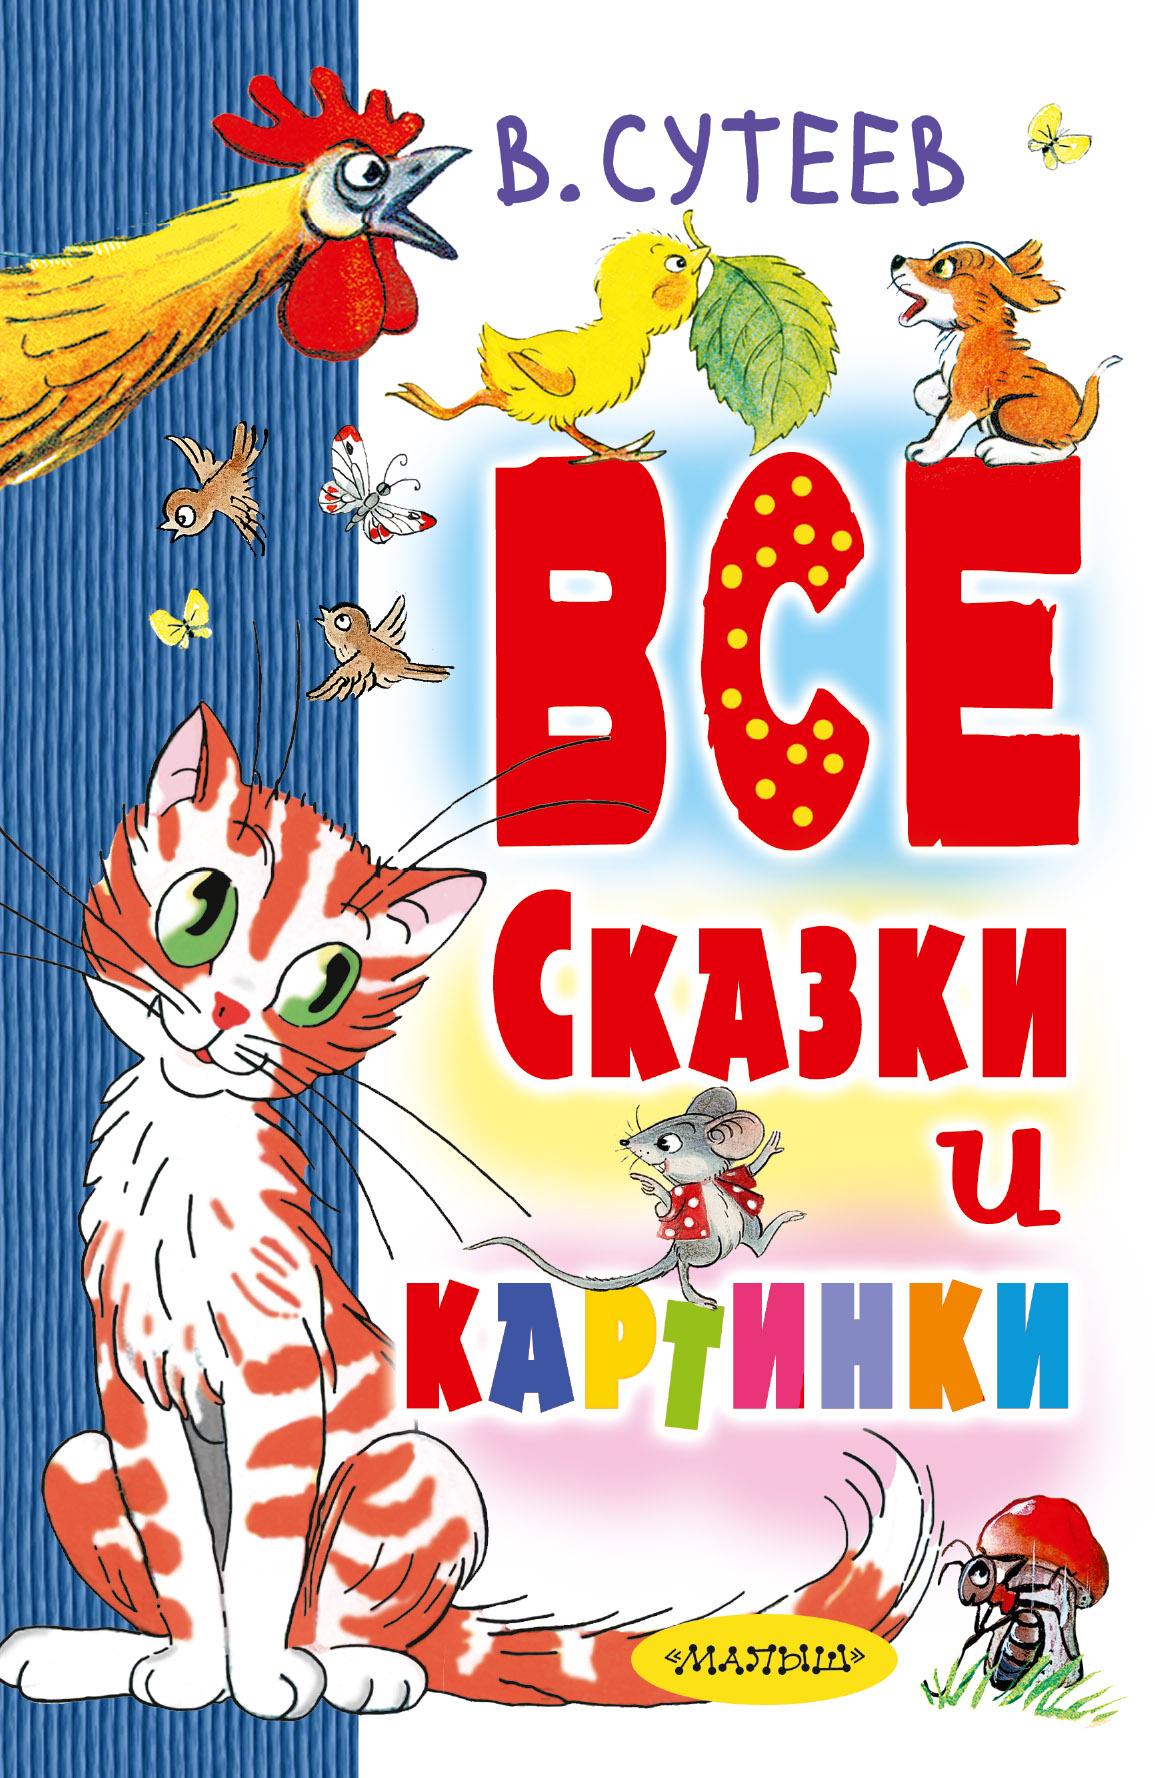 цена на Сутеев Владимир Григорьевич В. Сутеев. Все сказки и картинки